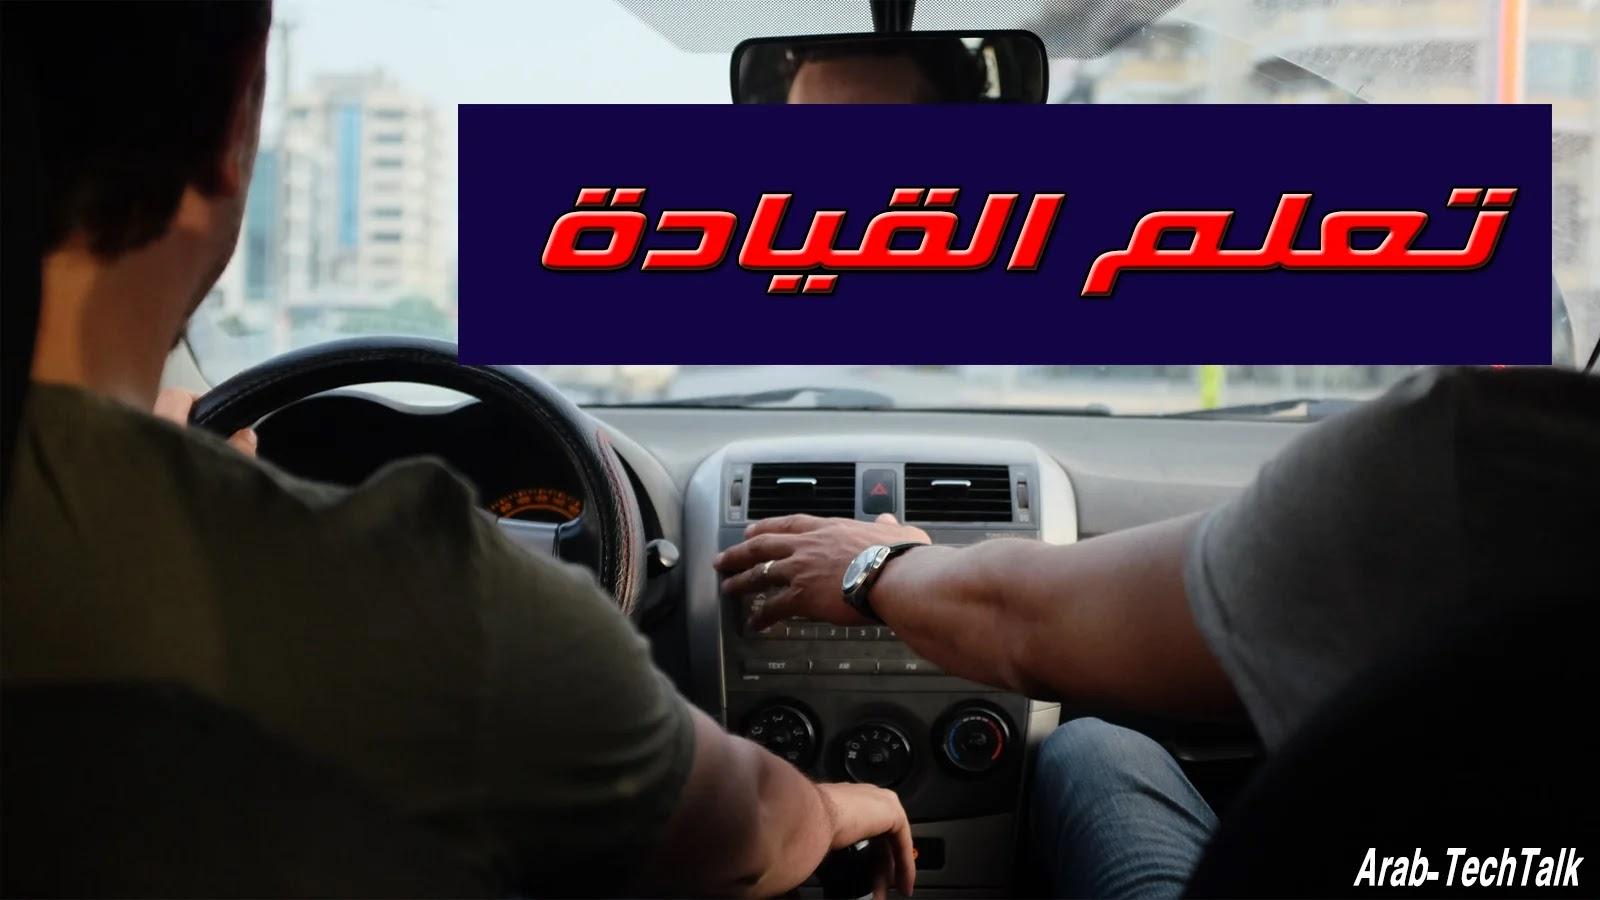 تعلم قيادة سيارة مانيوال, كيف يعمل الفتيس, شرح نظام التروس في السيارة